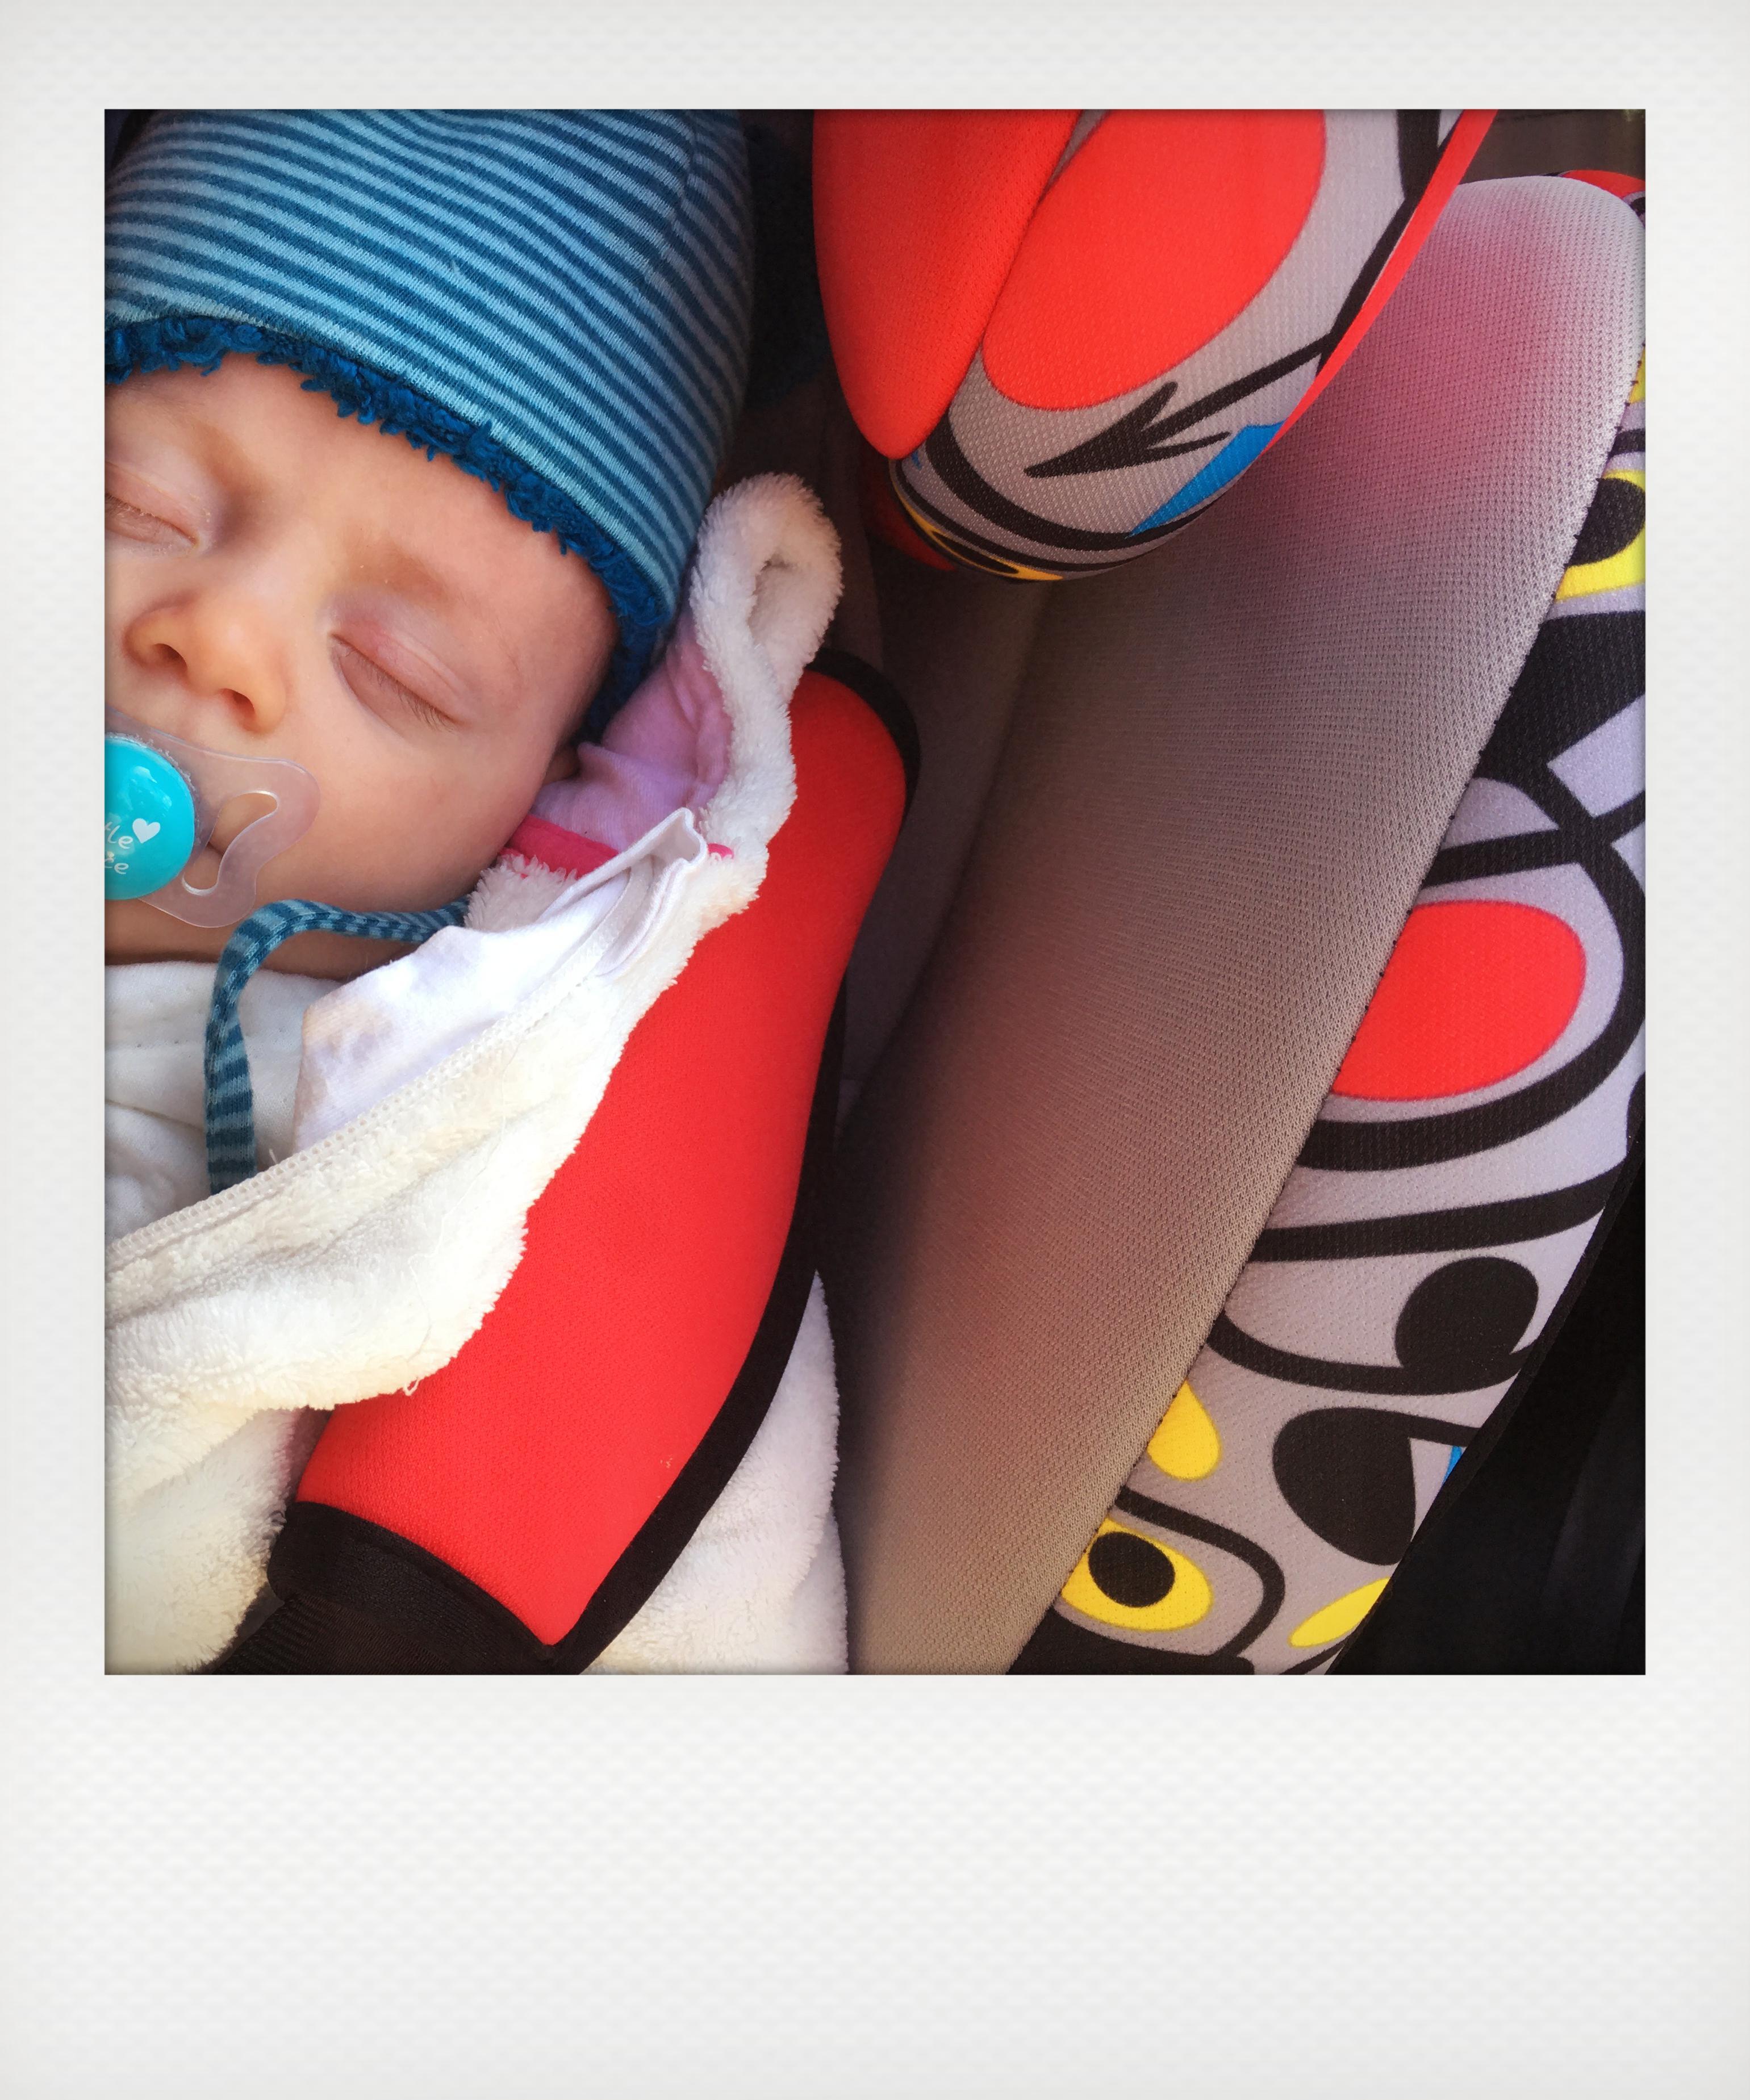 Bebè a bordo. Il seggiolino per neonati